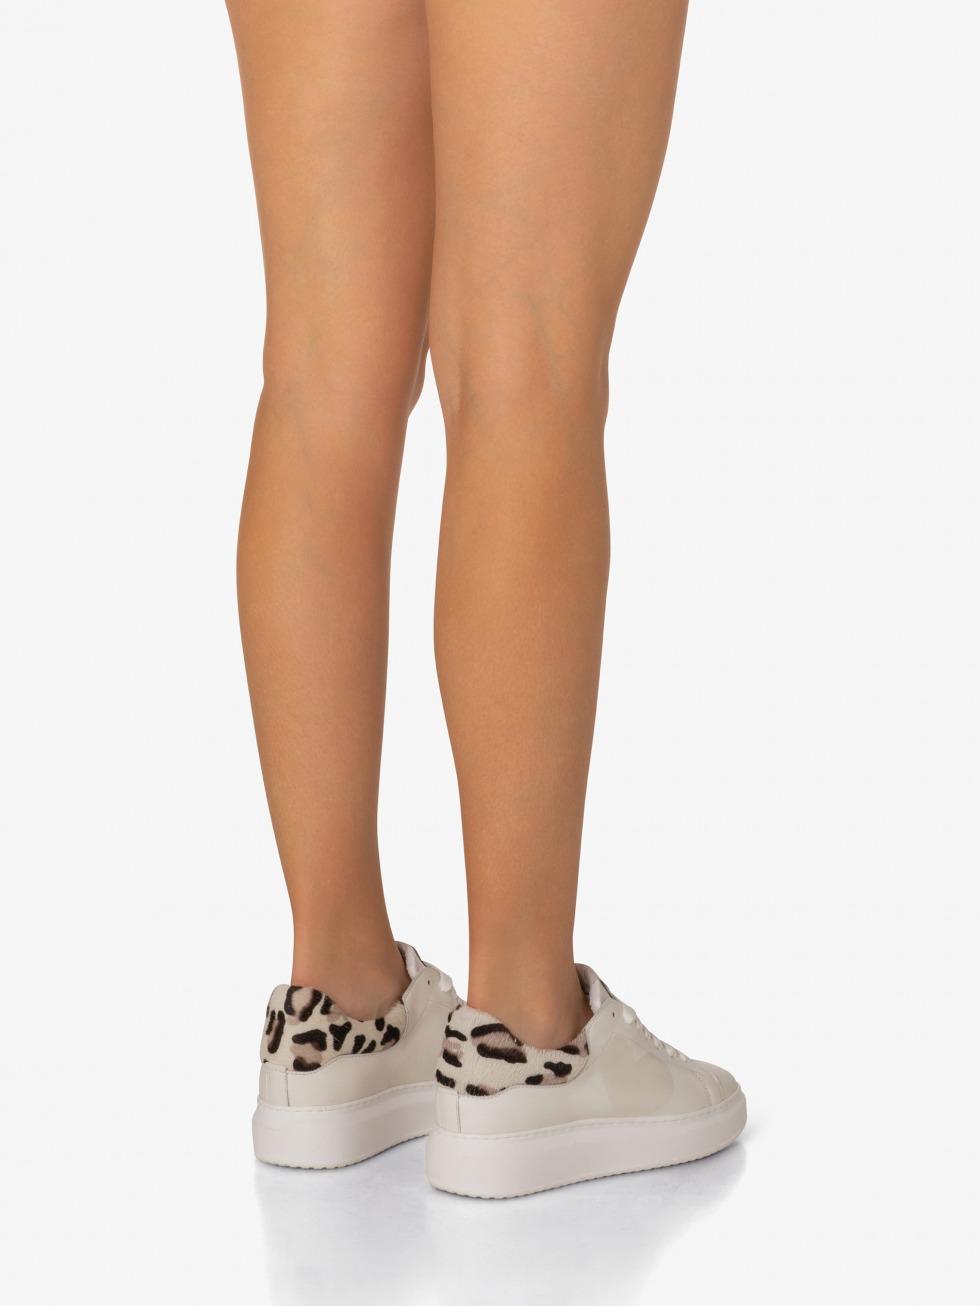 Angel Sneakers White Leopard - Heart